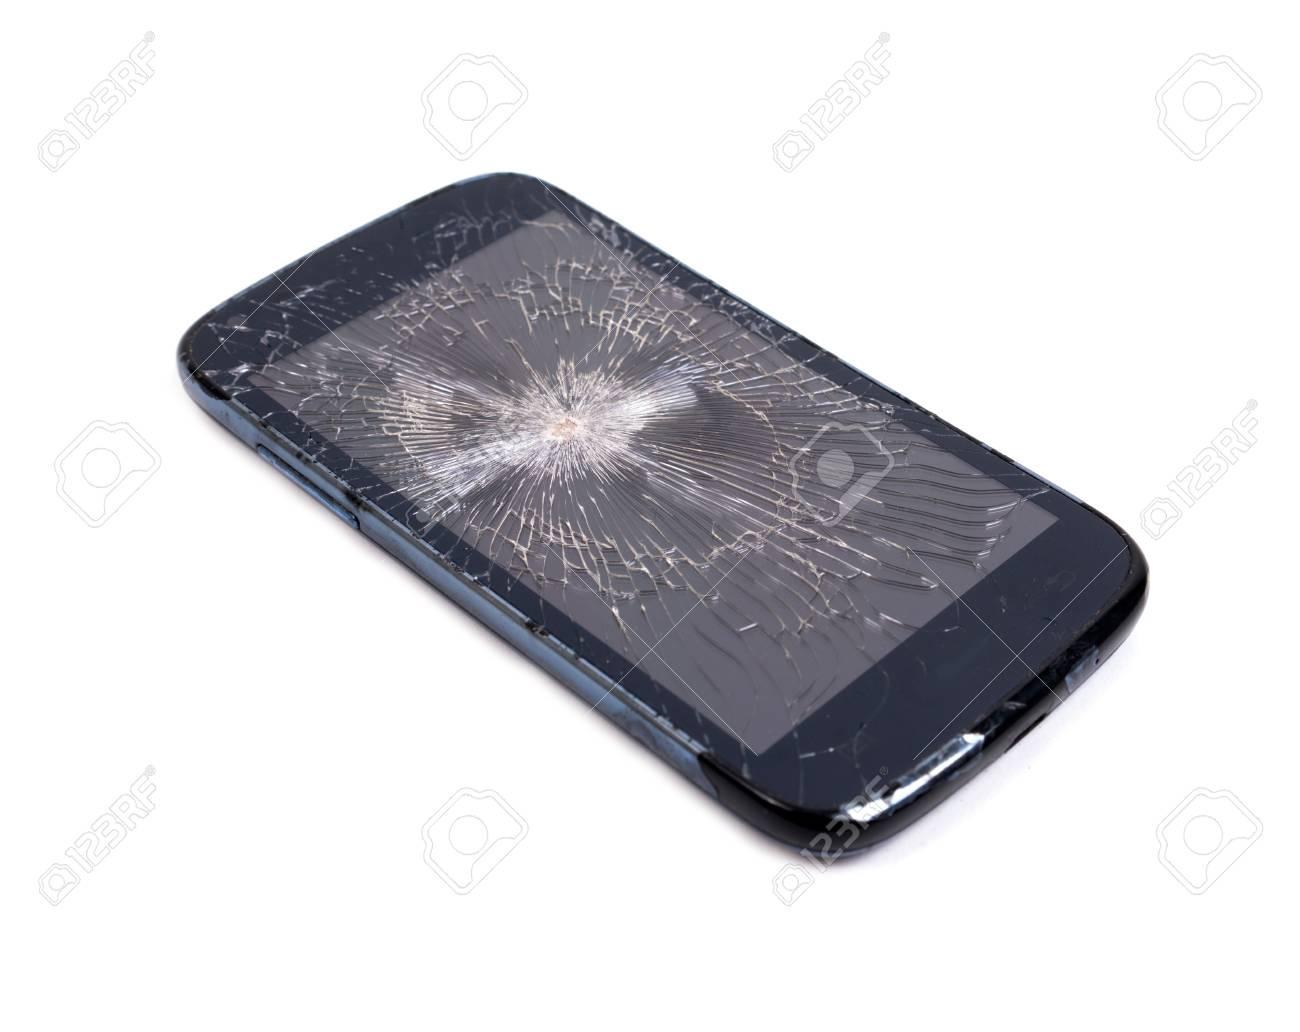 Immagini Stock Lo Schermo Del Telefono Cellulare è Cracking